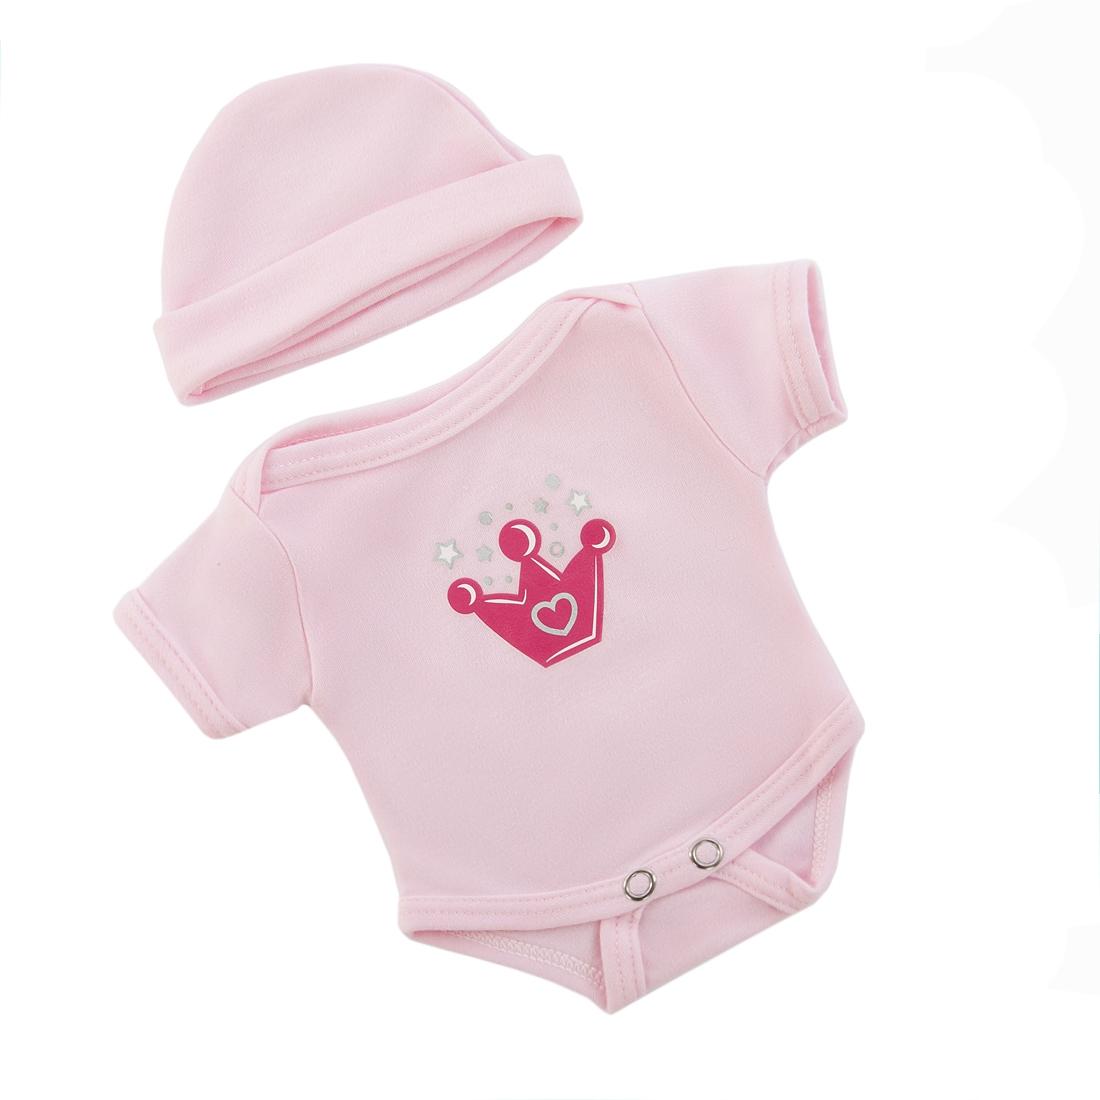 Одежда для кукол Mary Poppins Боди с шапочкой для куклы Mary Poppins боди и песочники ябольшой боди для девочки малышок 98 537 07